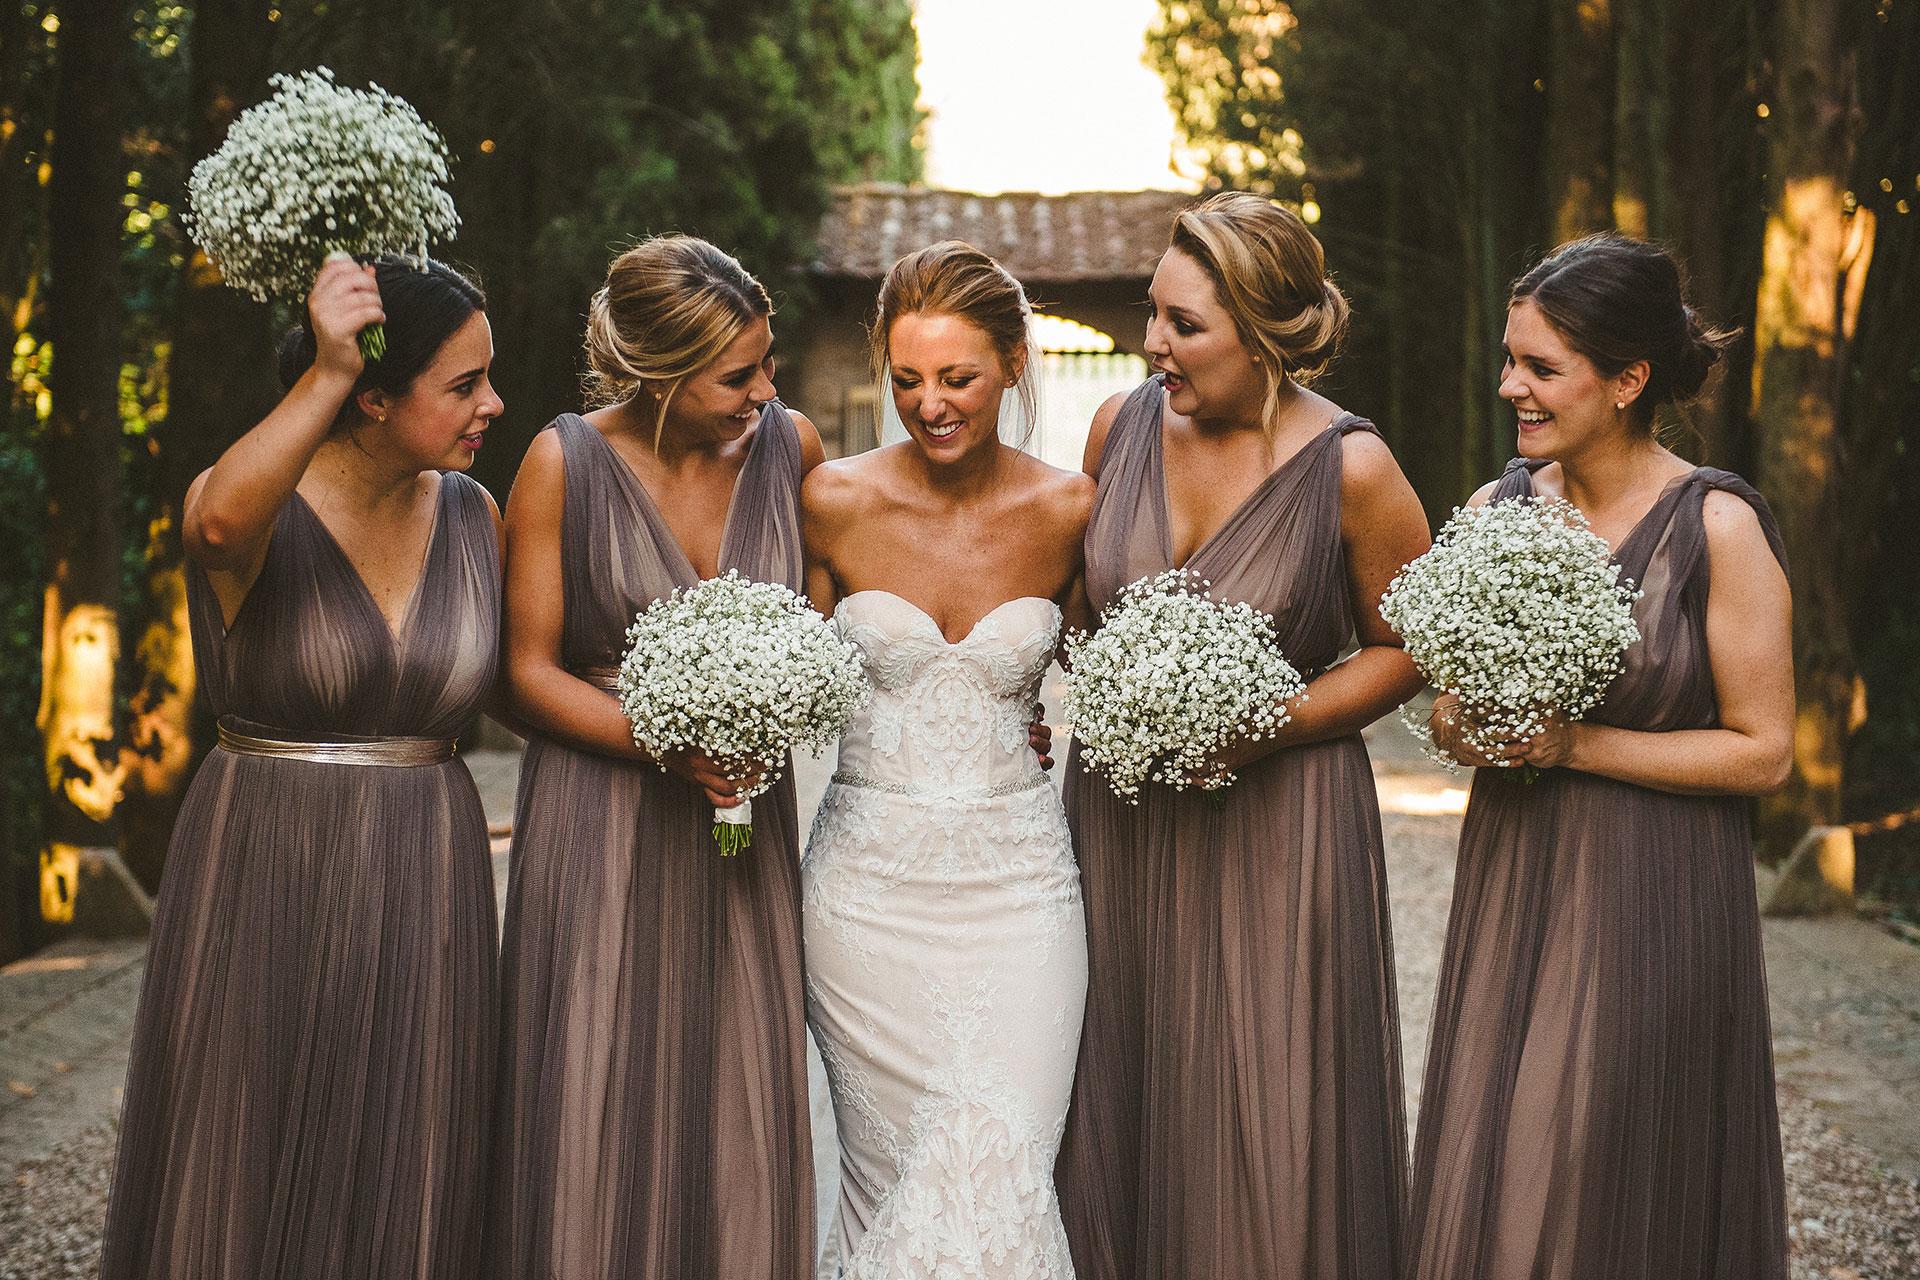 wedding palagio tuscany